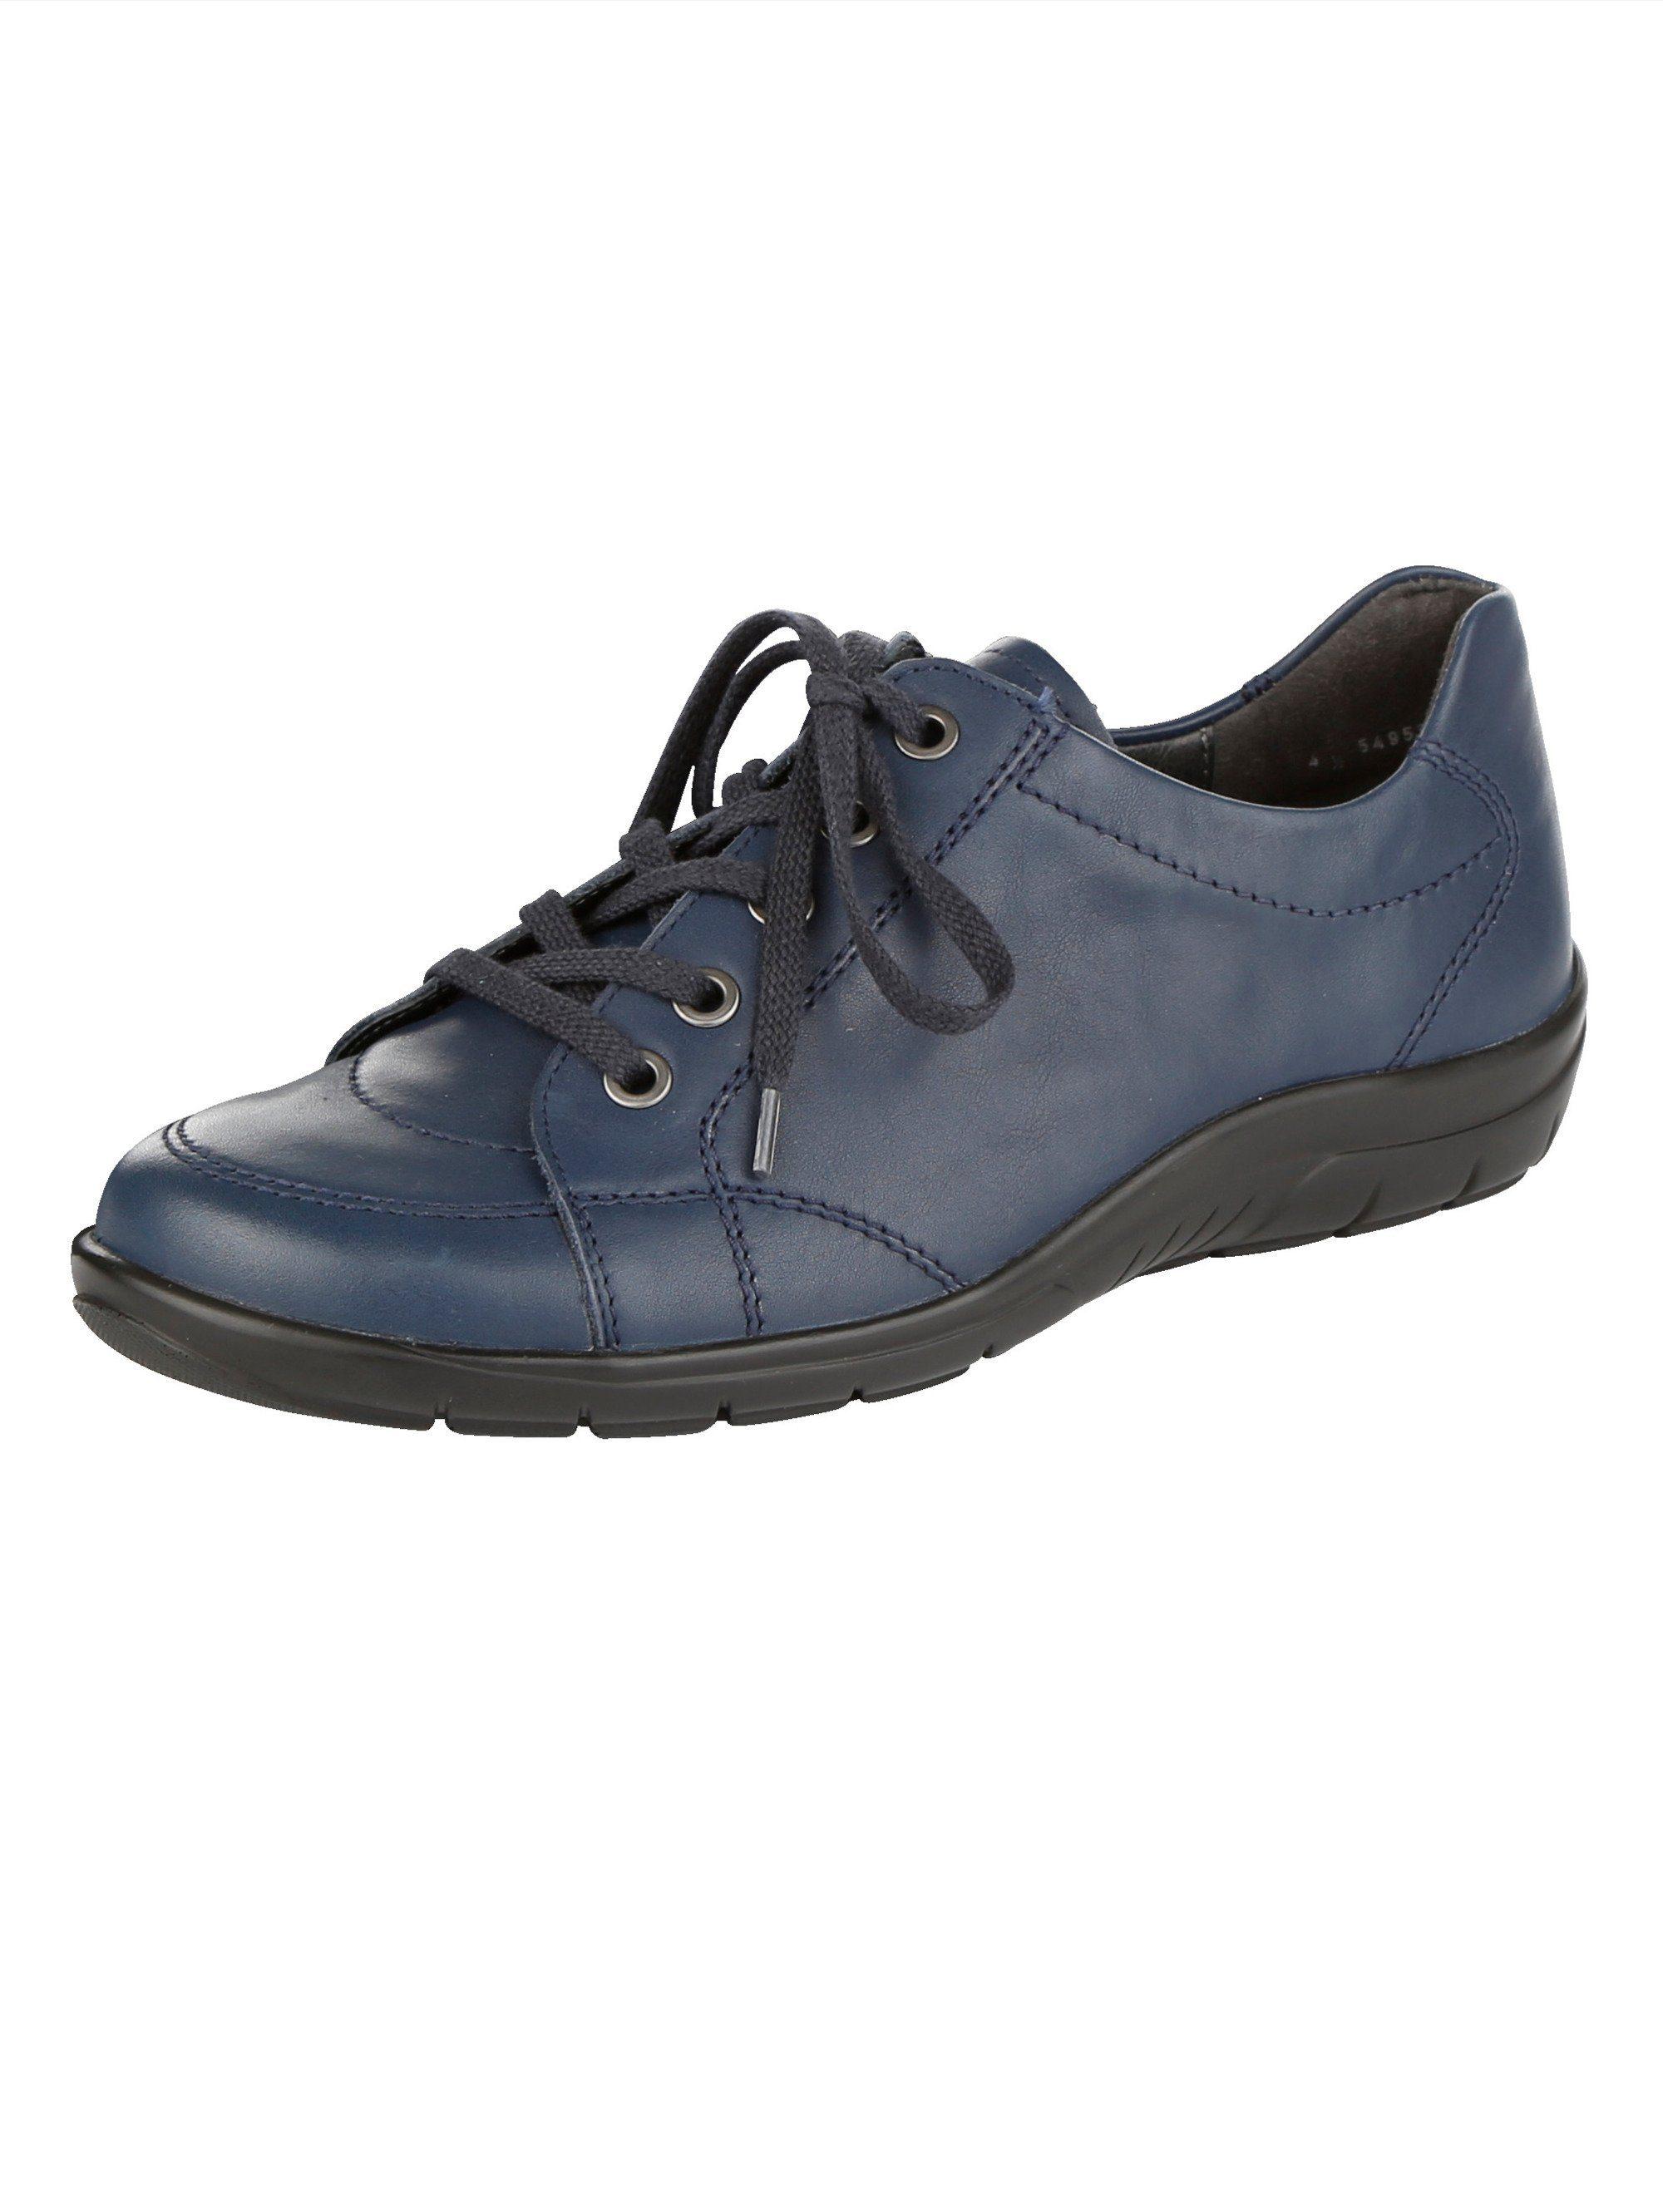 Naturläufer Schnürschuh online kaufen  dunkelblau